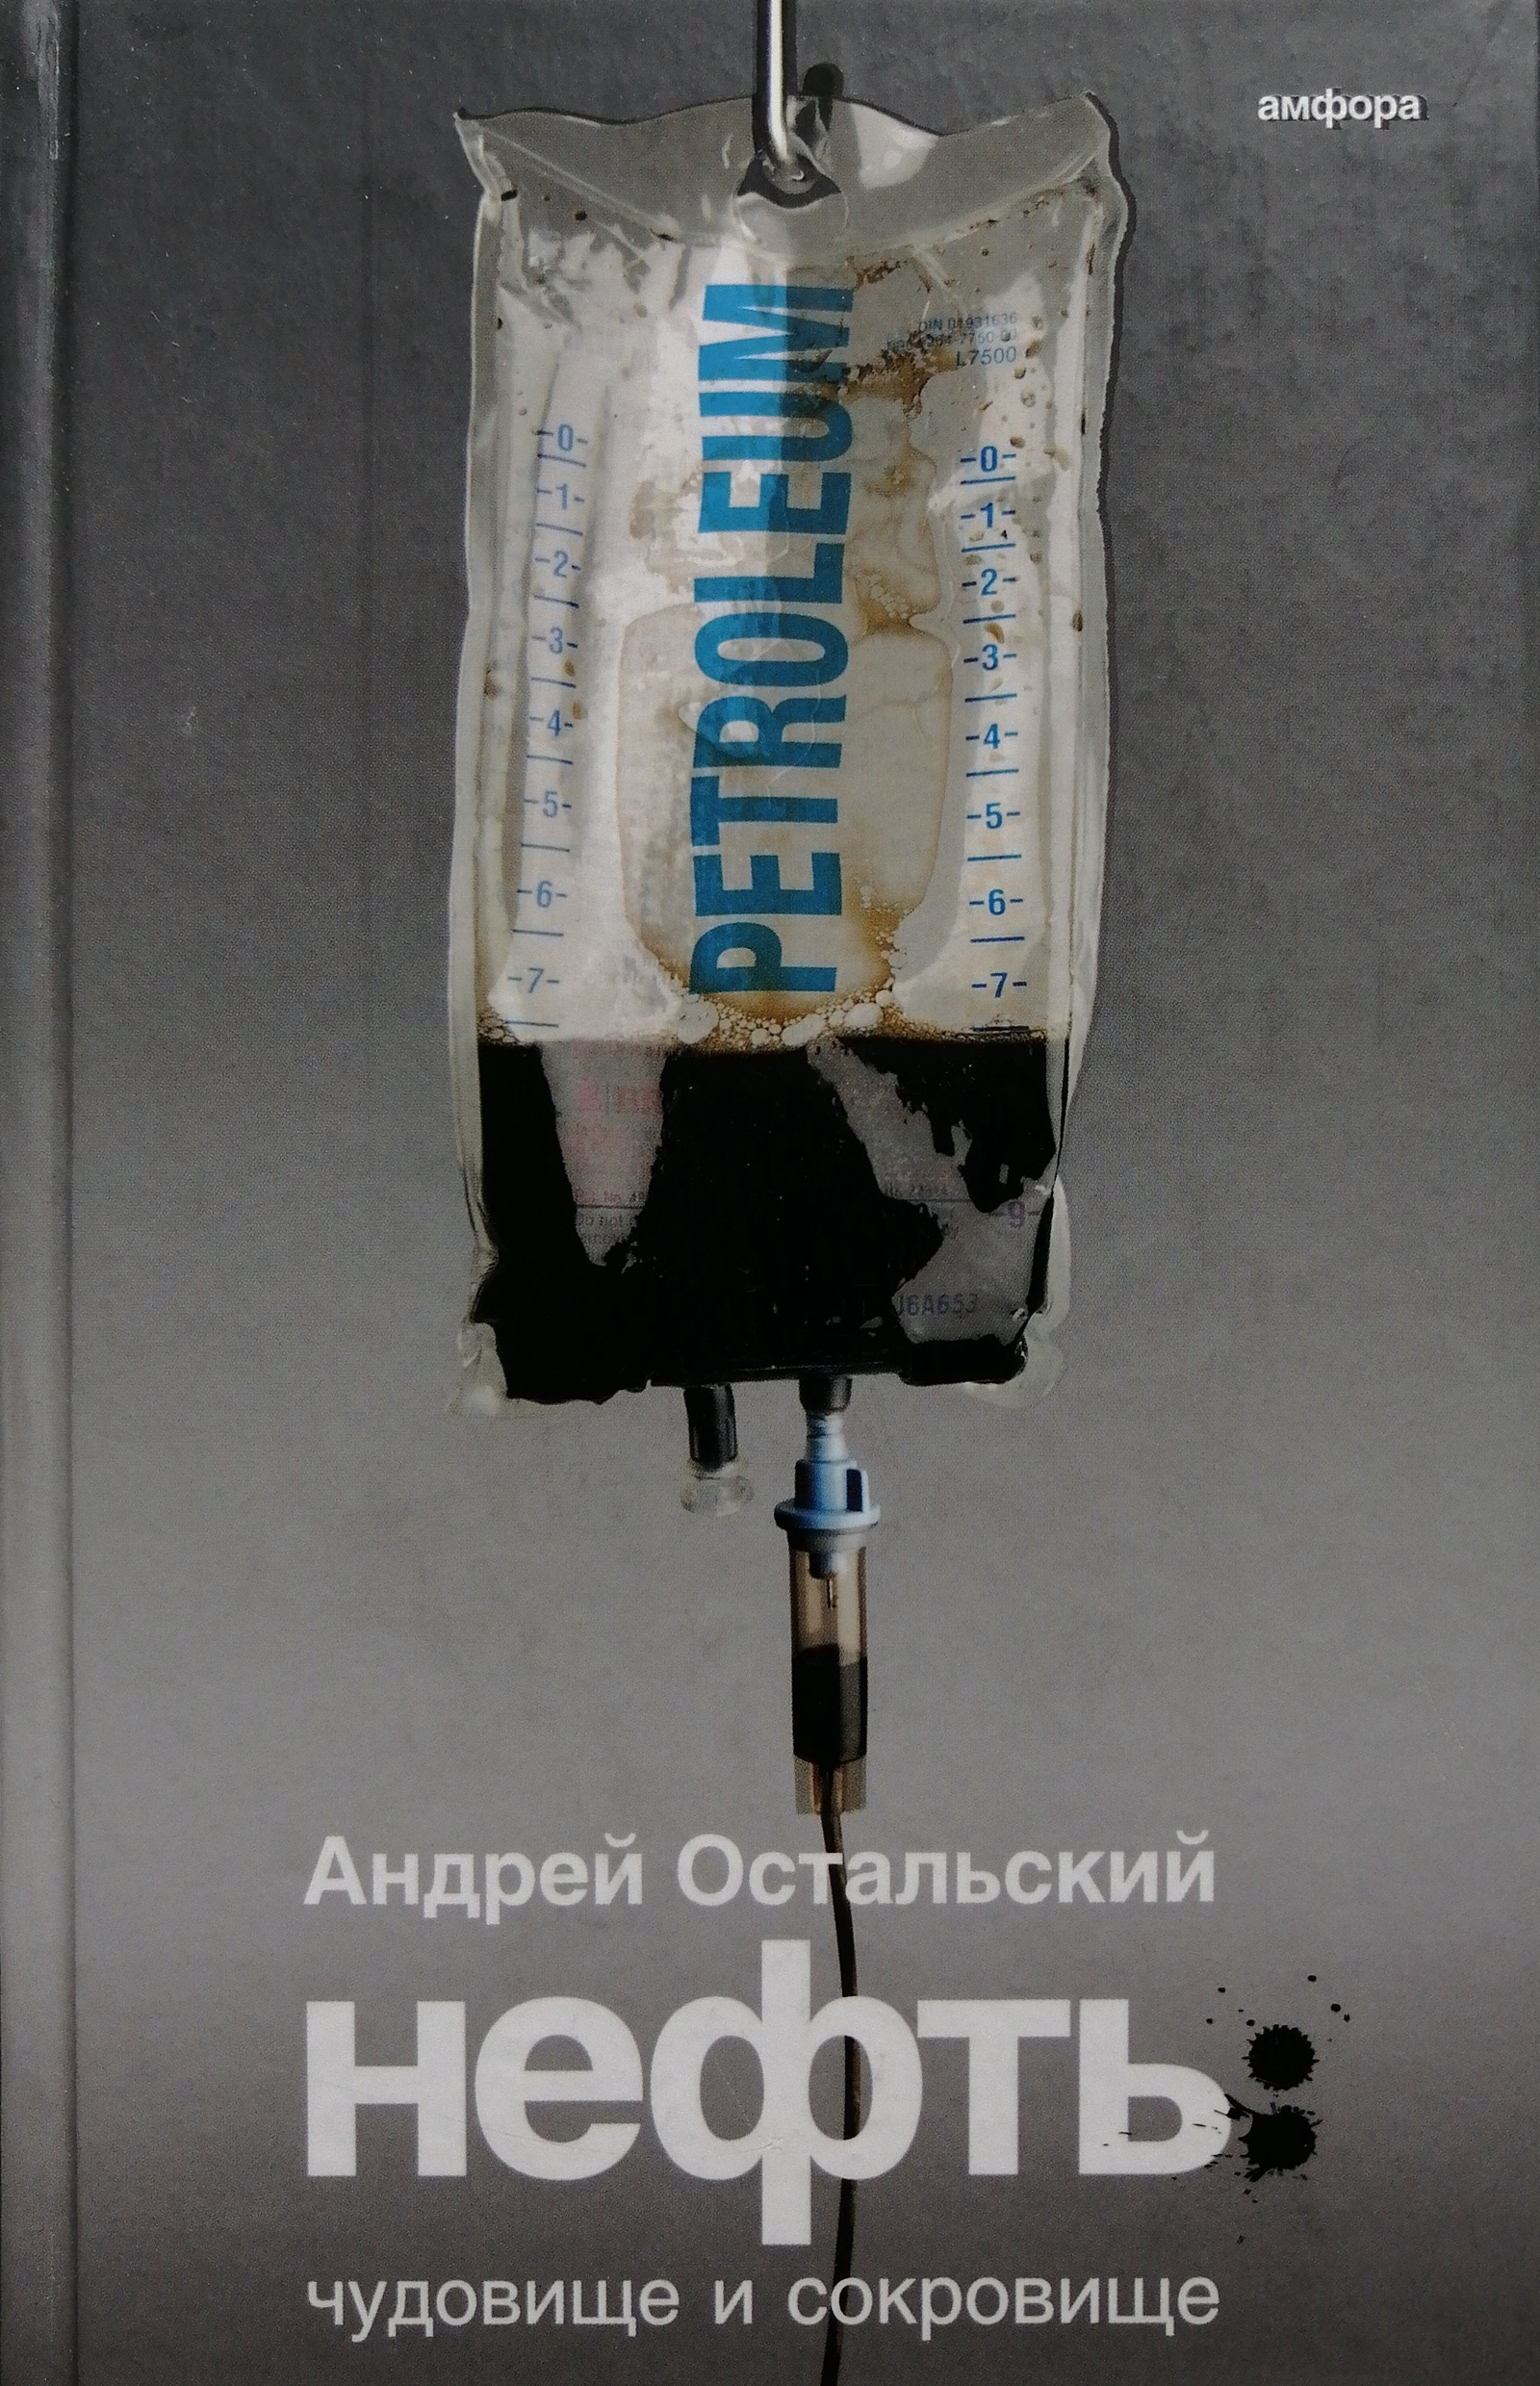 Остальский Андрей Всеволодович Нефть. Чудовище и Сокровище